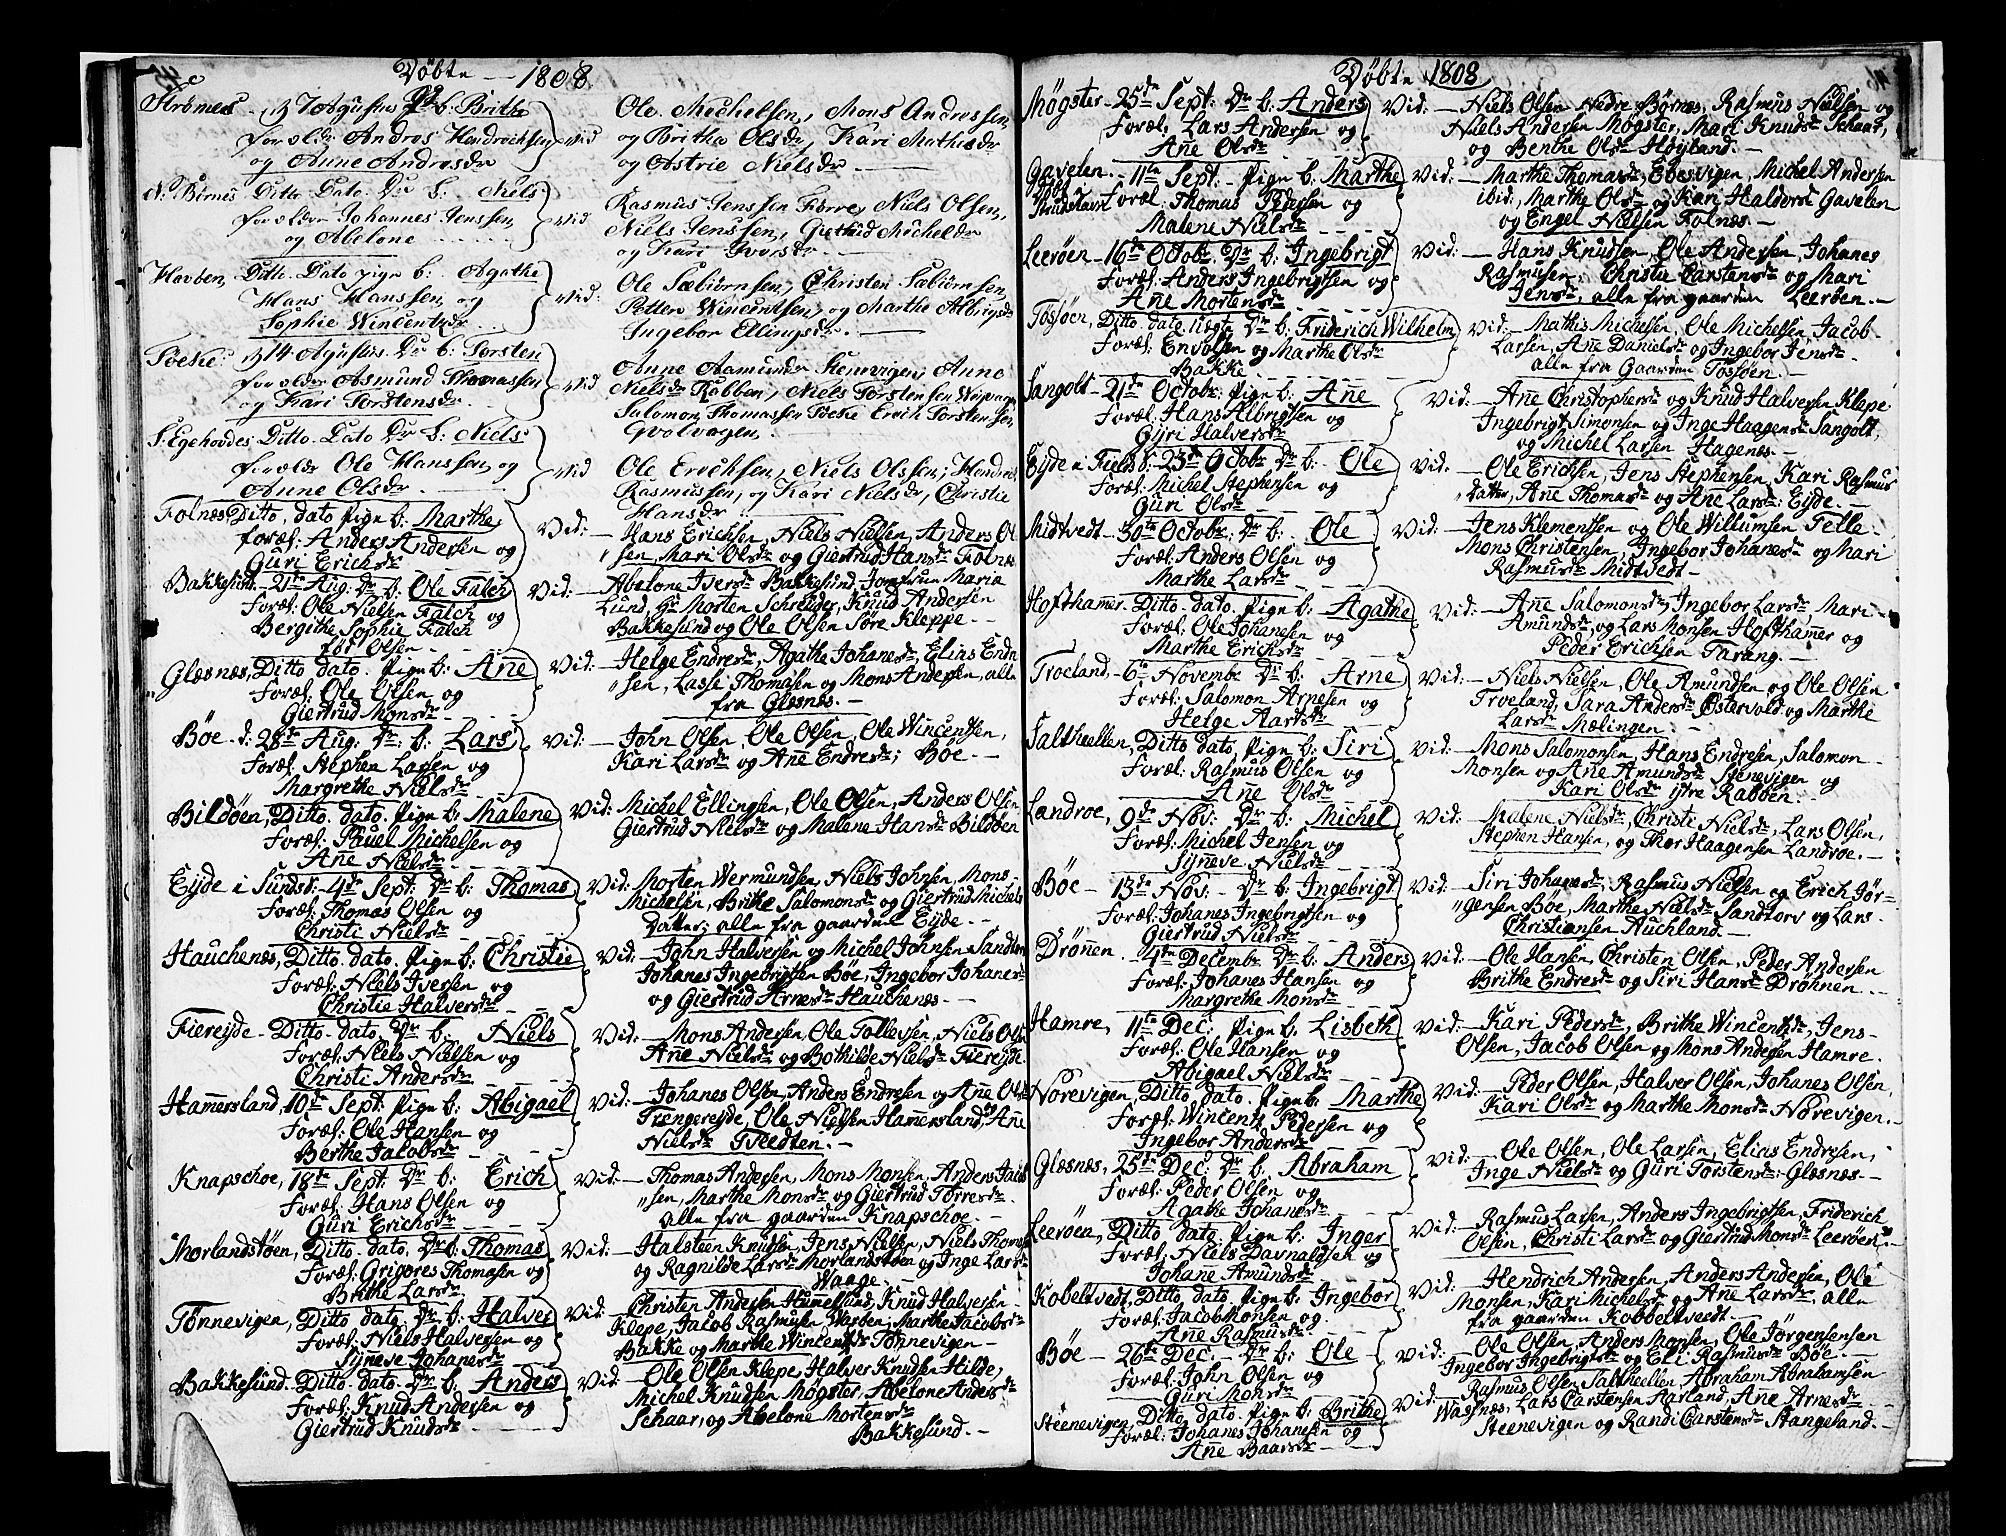 SAB, Sund sokneprestembete, Ministerialbok nr. A 10, 1804-1818, s. 48-49